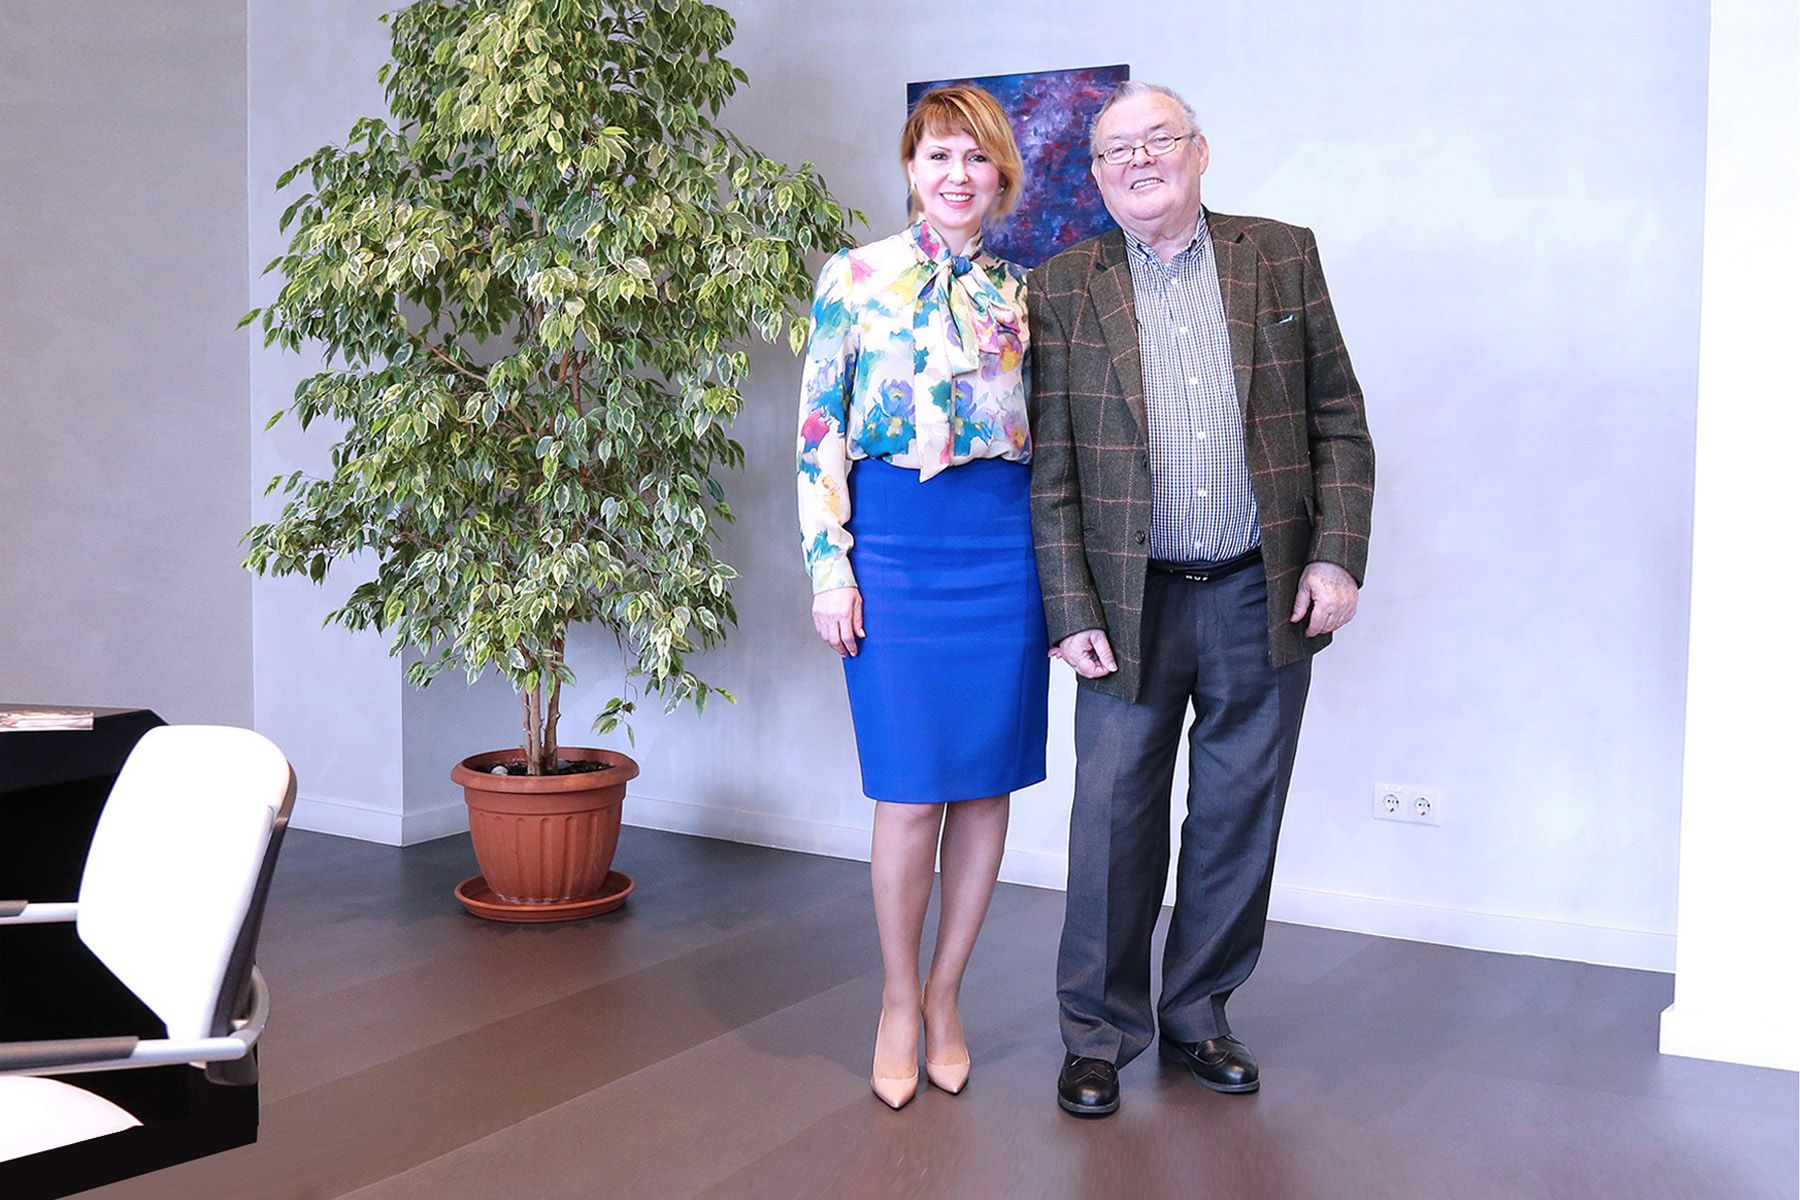 Ректор ВГУЭС и представитель инвестиционной платформы Relex договорились о стратегическом сотрудничестве